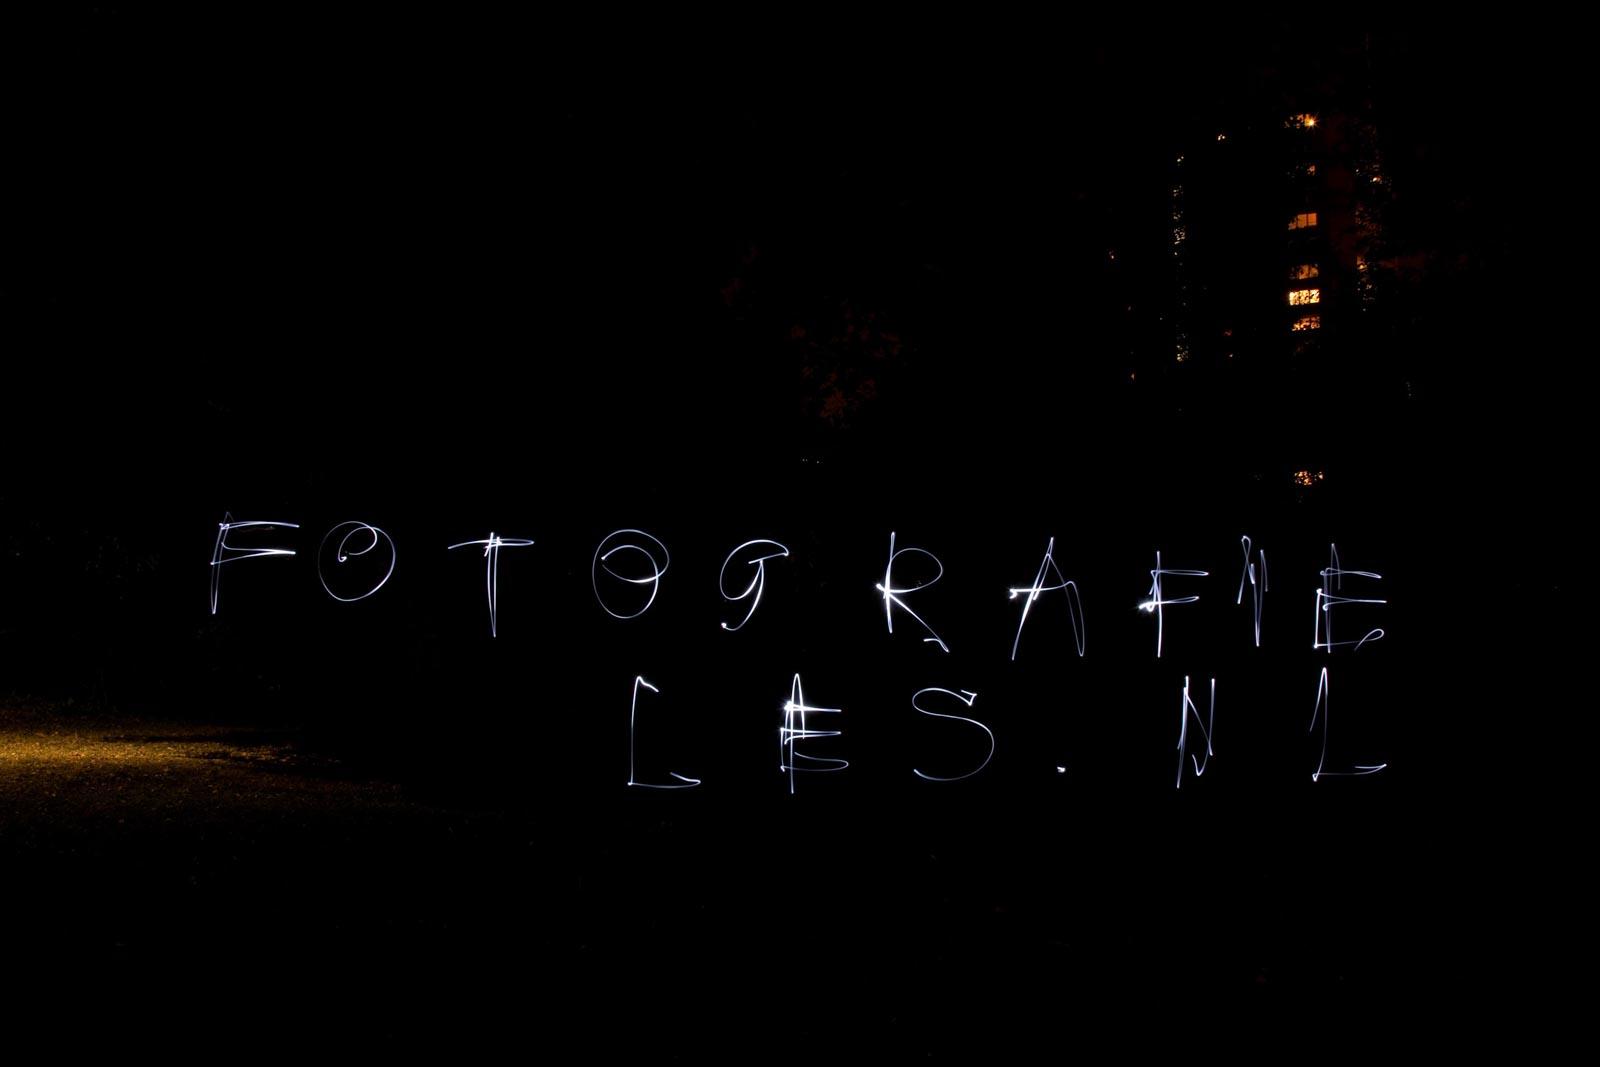 Fotografieles geschreven met een zaklamp